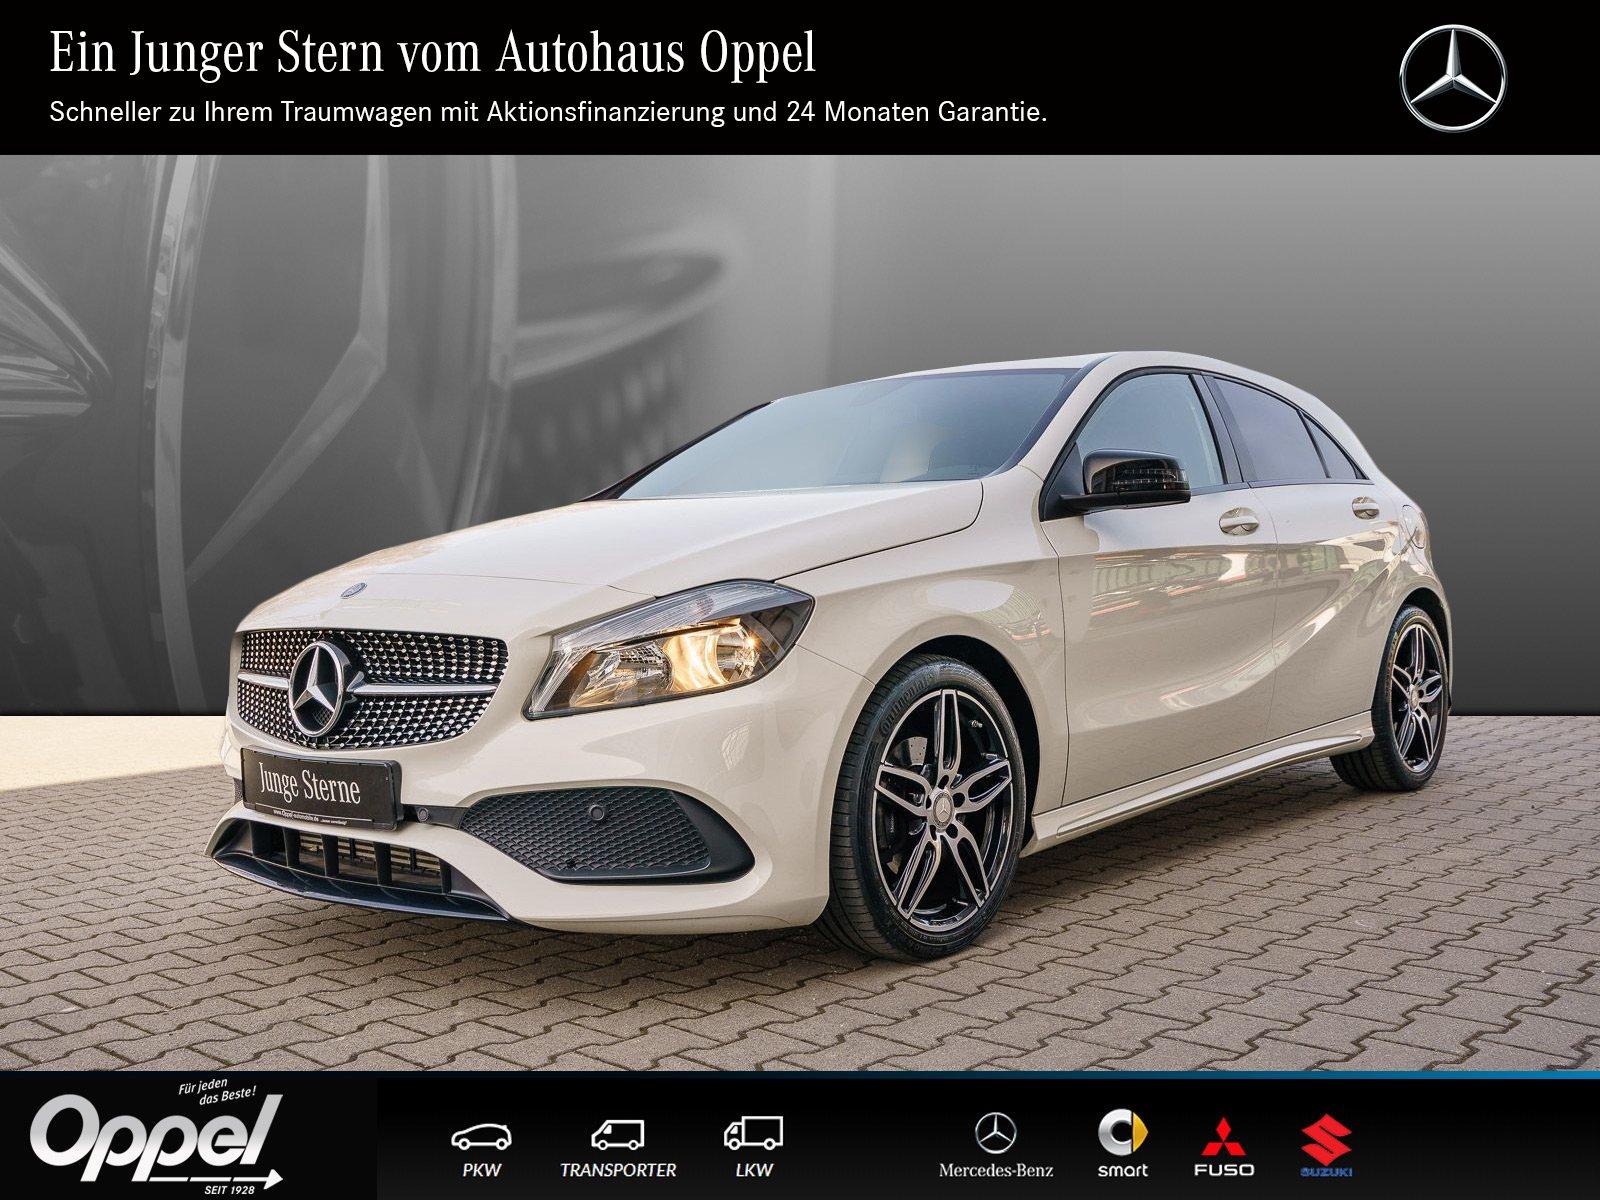 Mercedes-Benz A 160 AMG Tempomat+Klima+Isofix+Sportsitze+Sitzh, Jahr 2017, Benzin